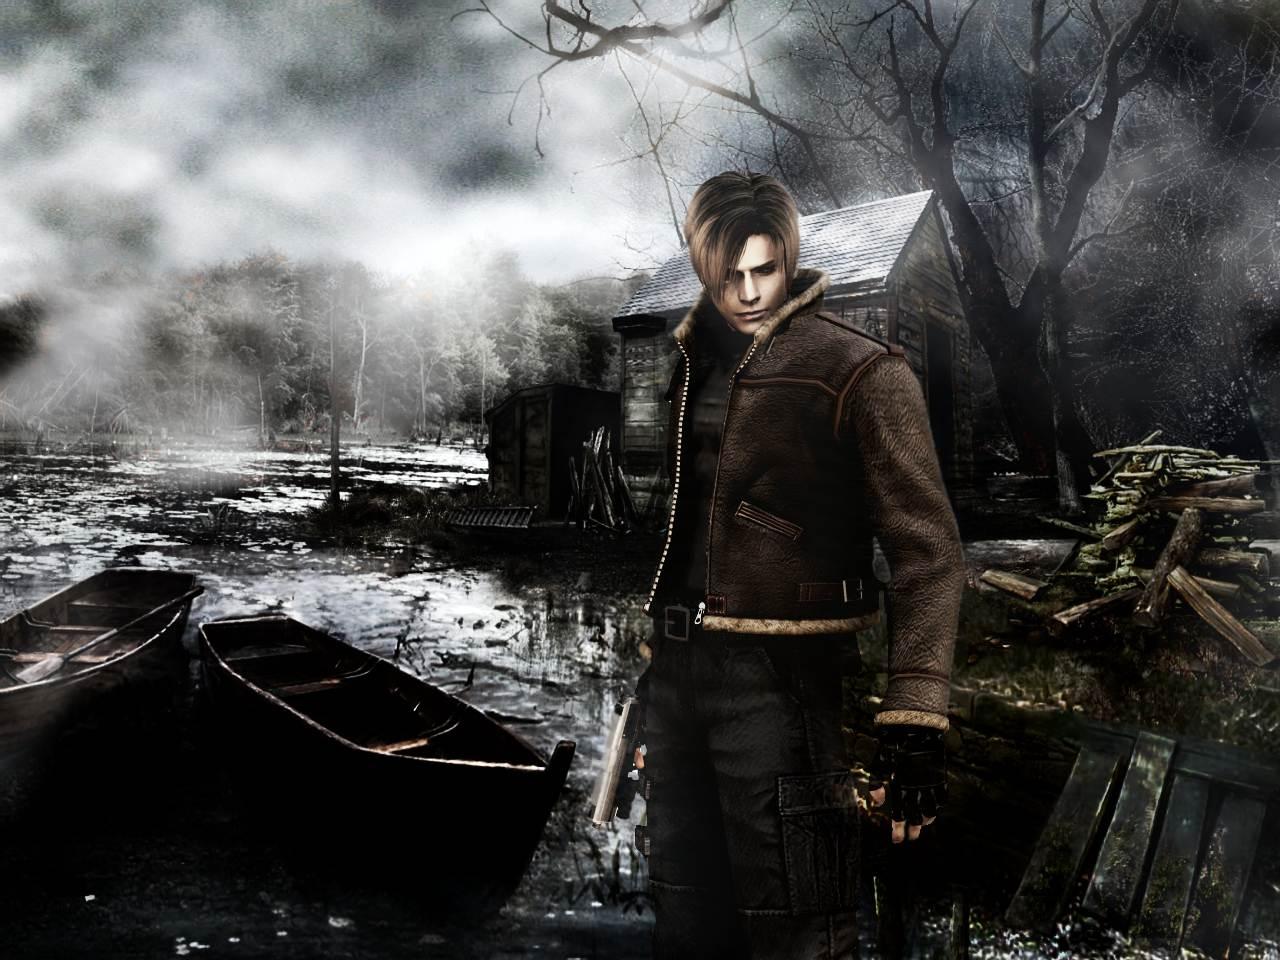 53 ] Resident Evil 4 Leon Wallpaper On WallpaperSafari